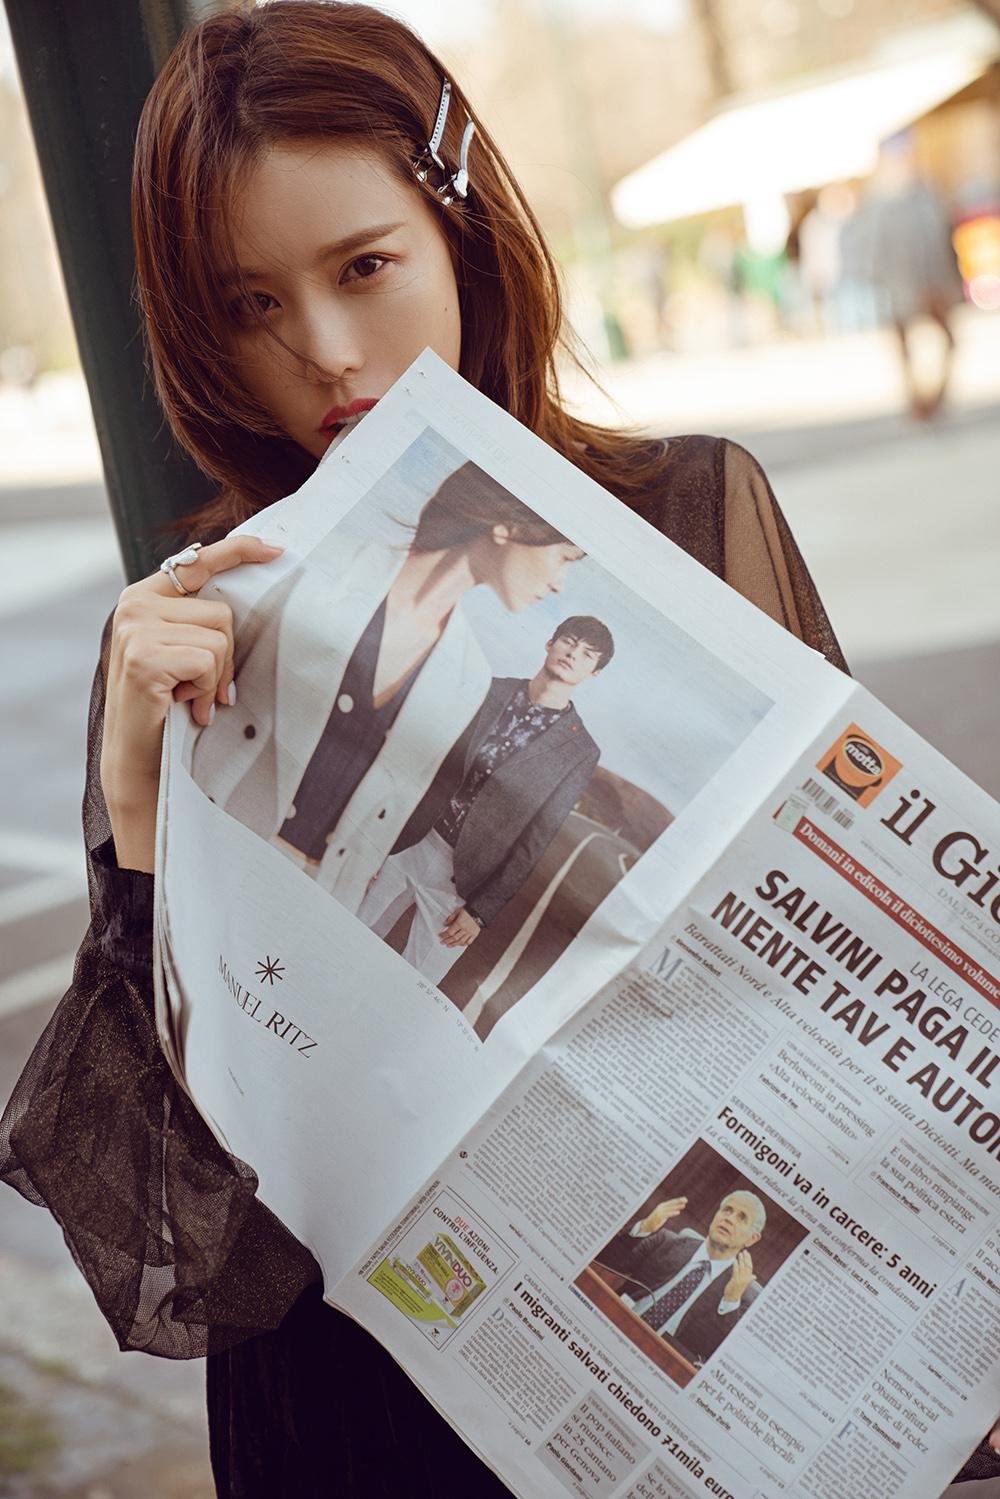 施予斐最新街拍 黑长裙诠释复古时髦